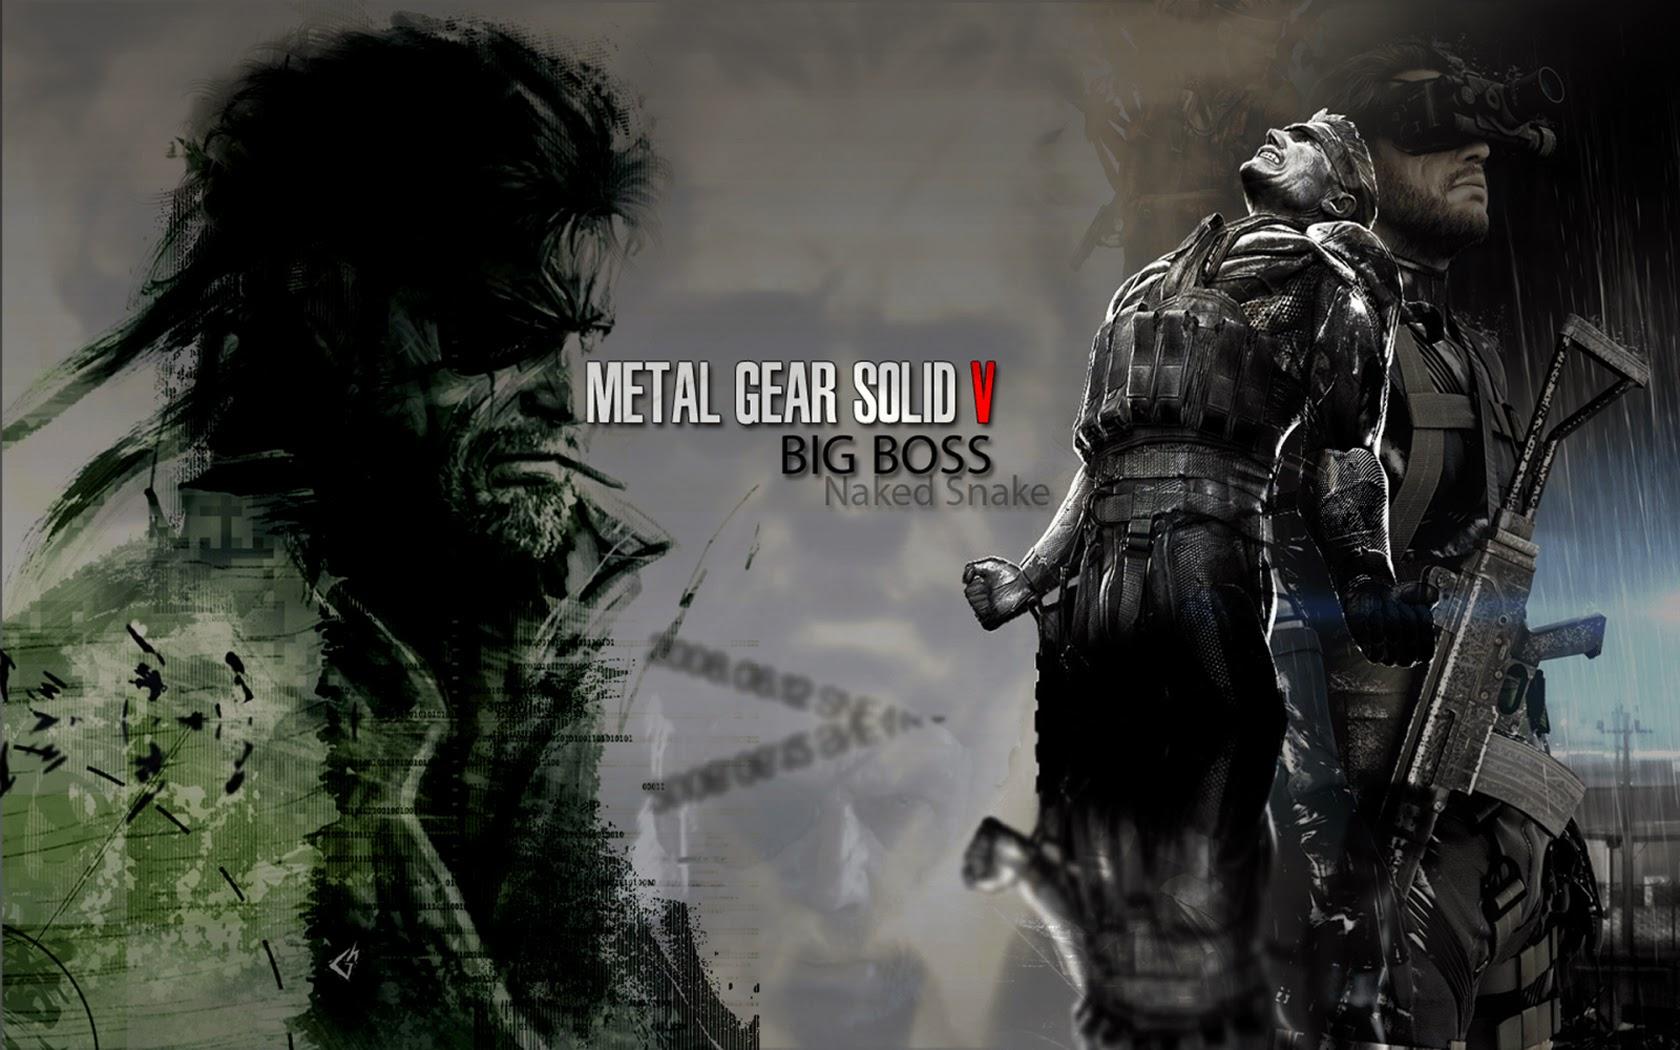 Download metal gear solid ringtone codec | Peatix